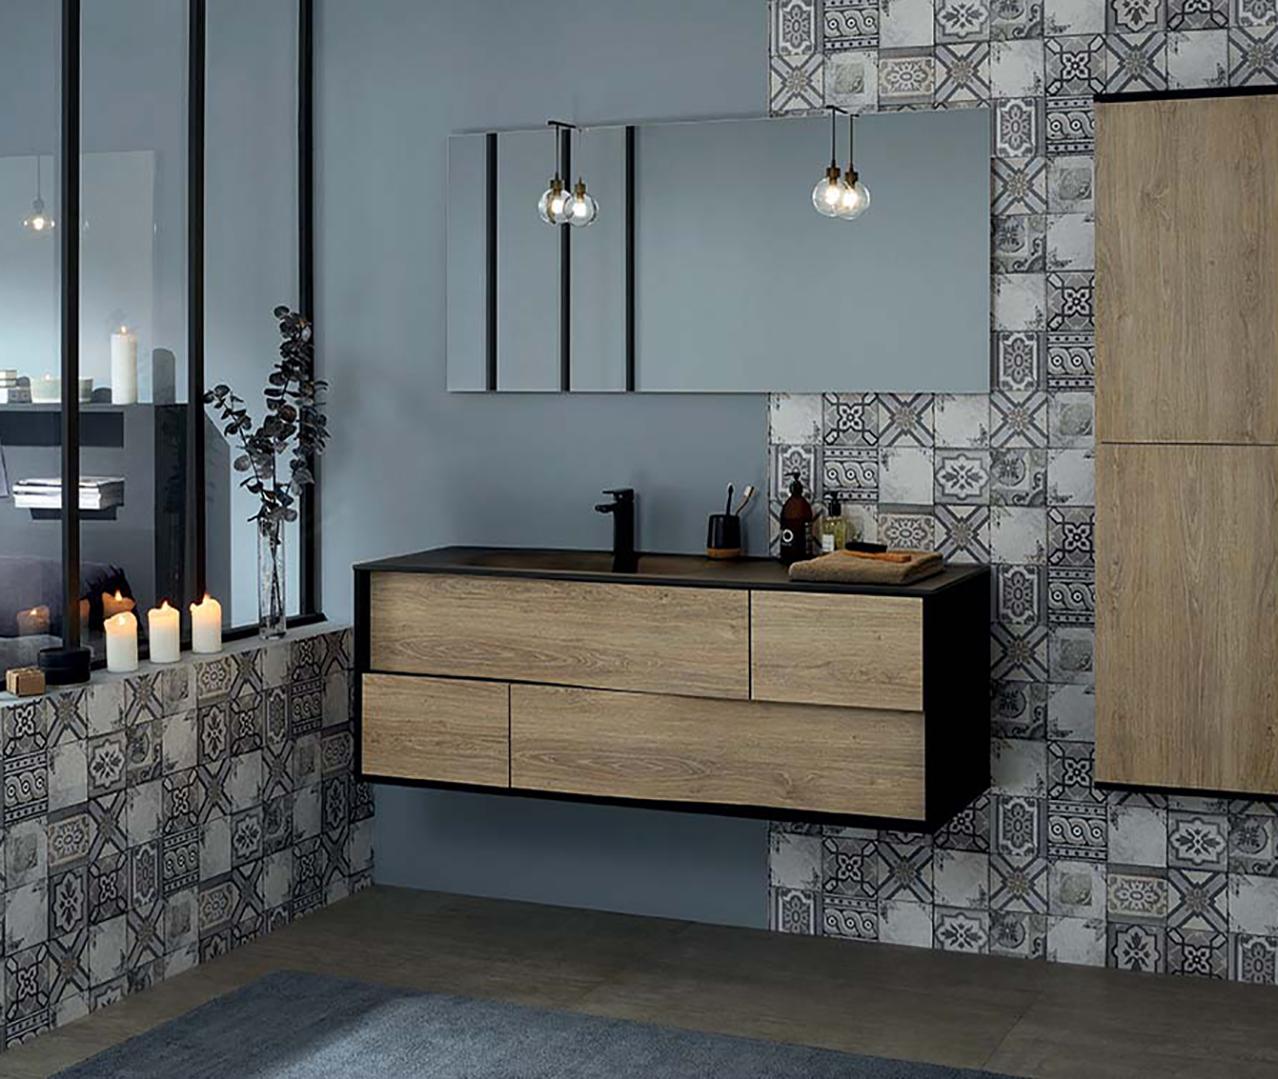 Gamme my lodge meuble salle de bain en bois sanijura - Commode transformee en meuble salle de bain ...